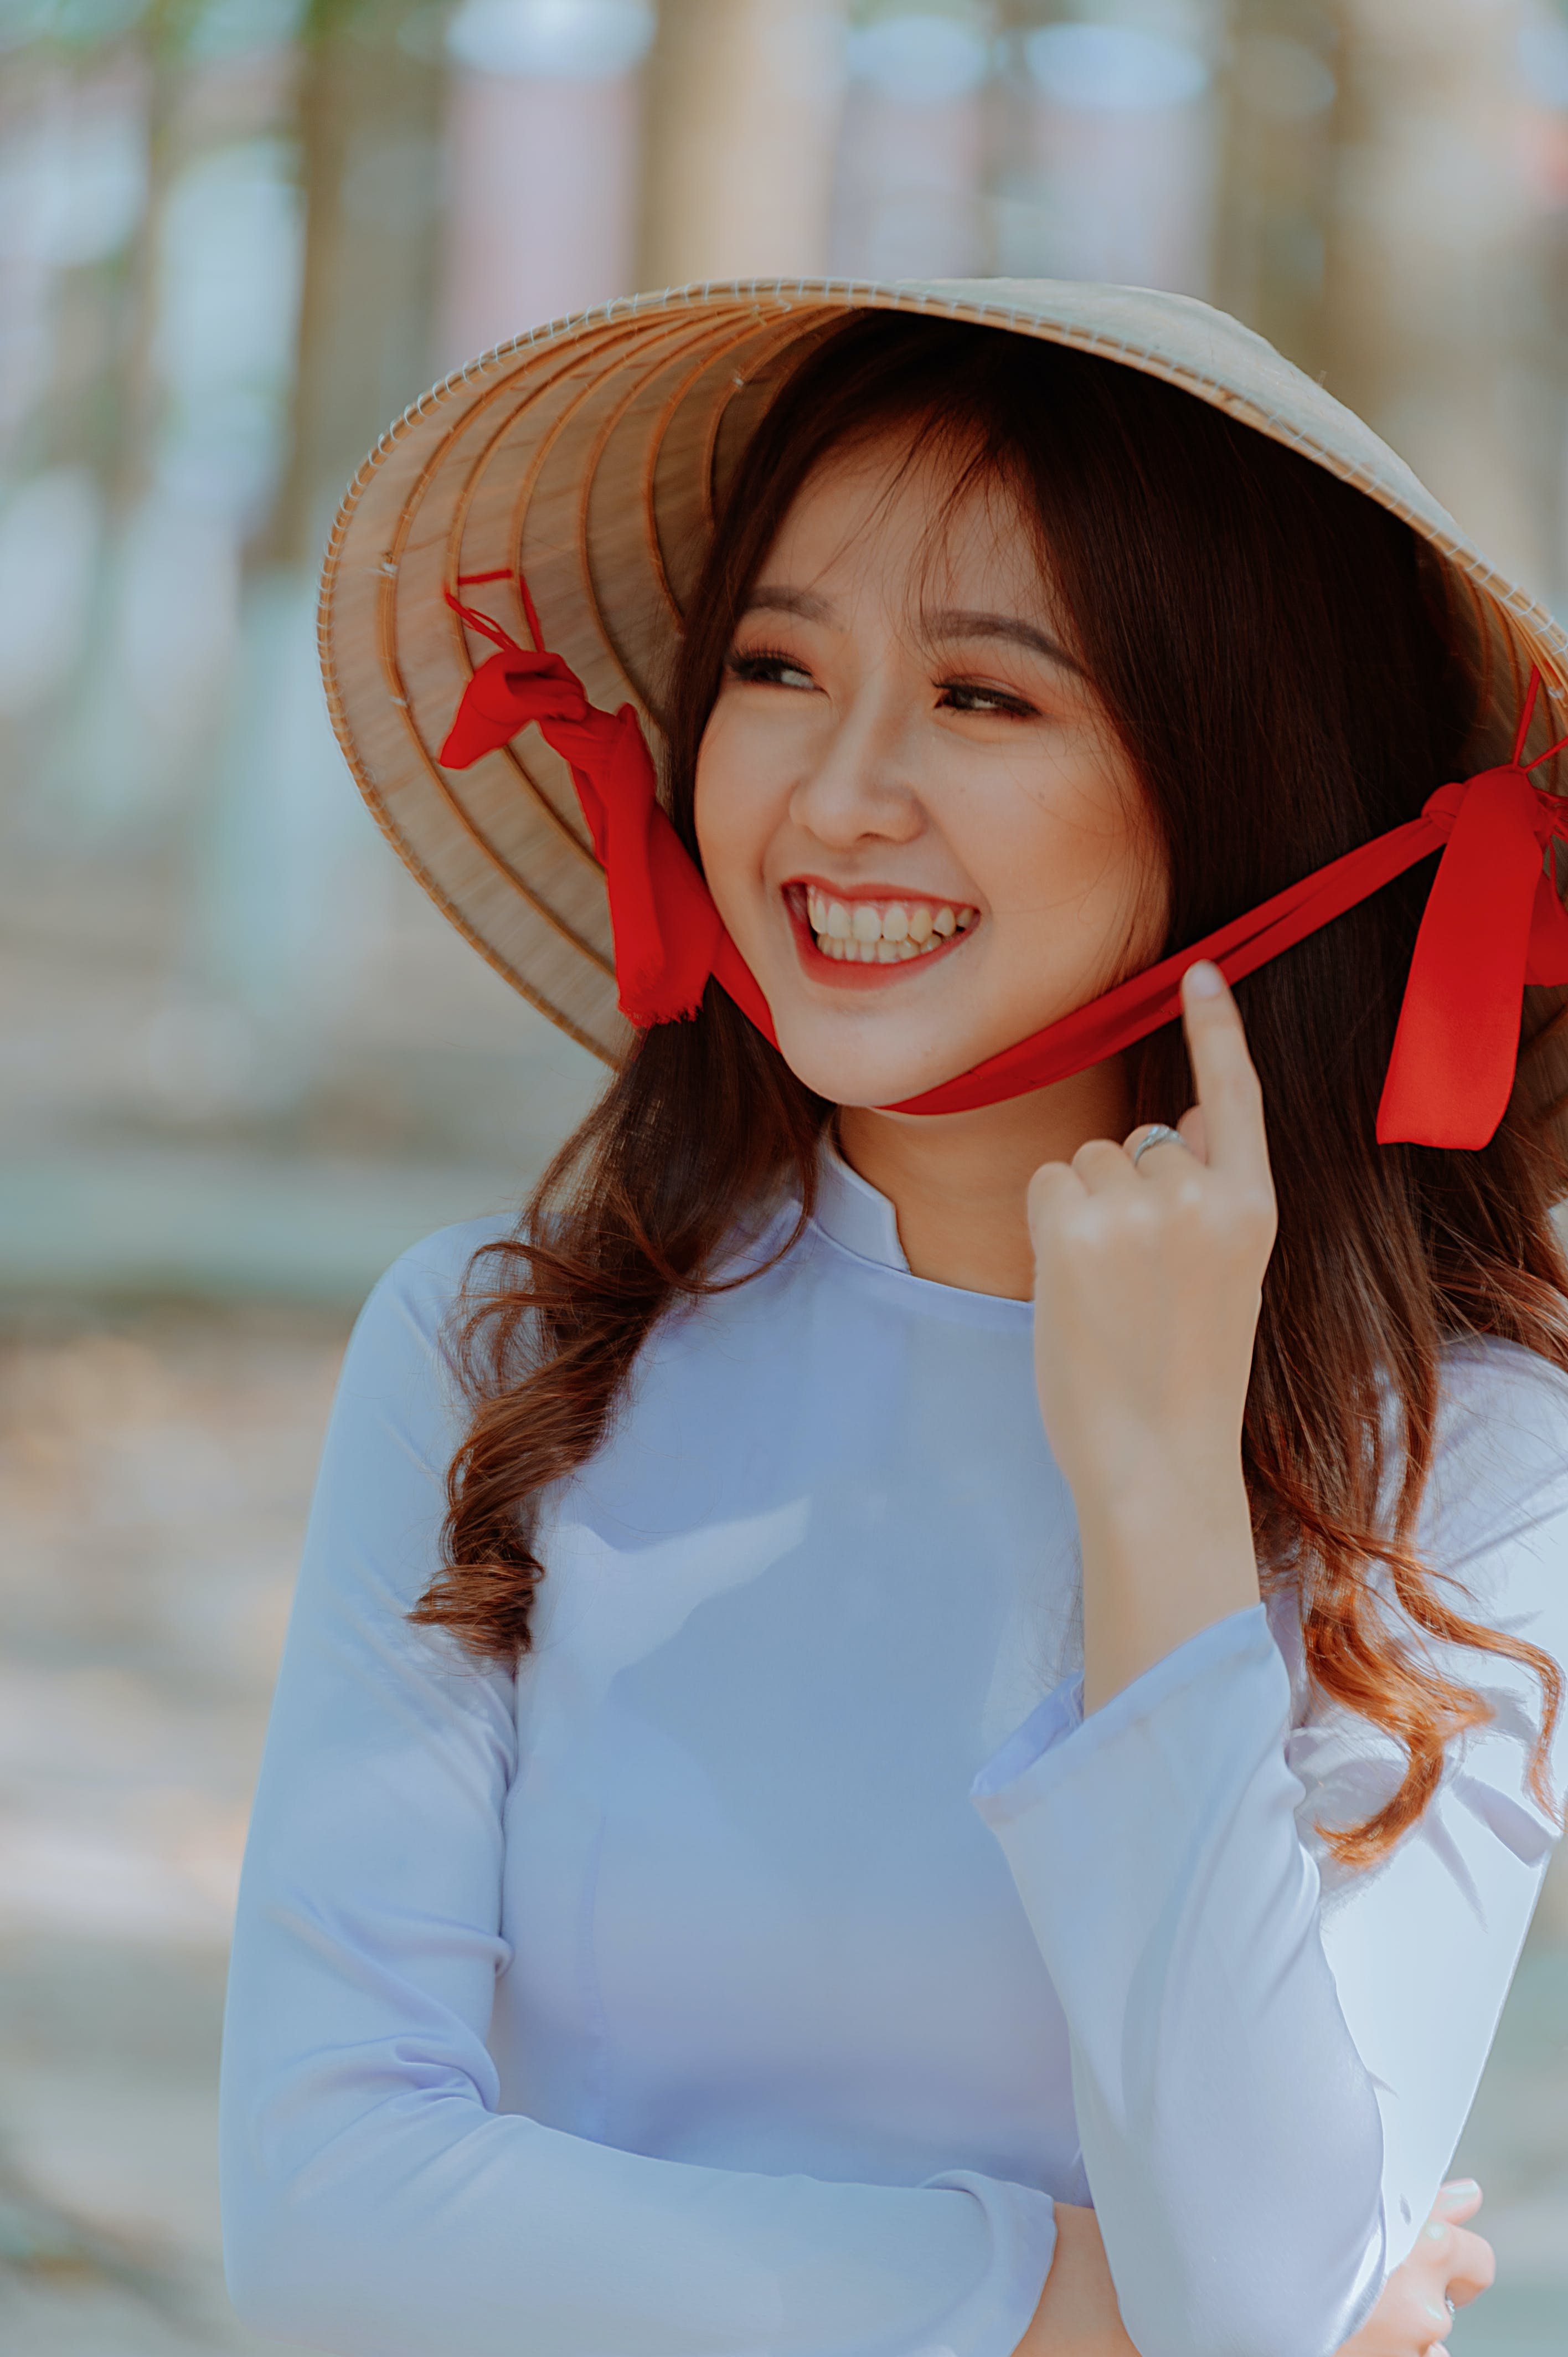 亞洲女人, 亞洲女孩, 可愛, 可愛的 的 免费素材照片